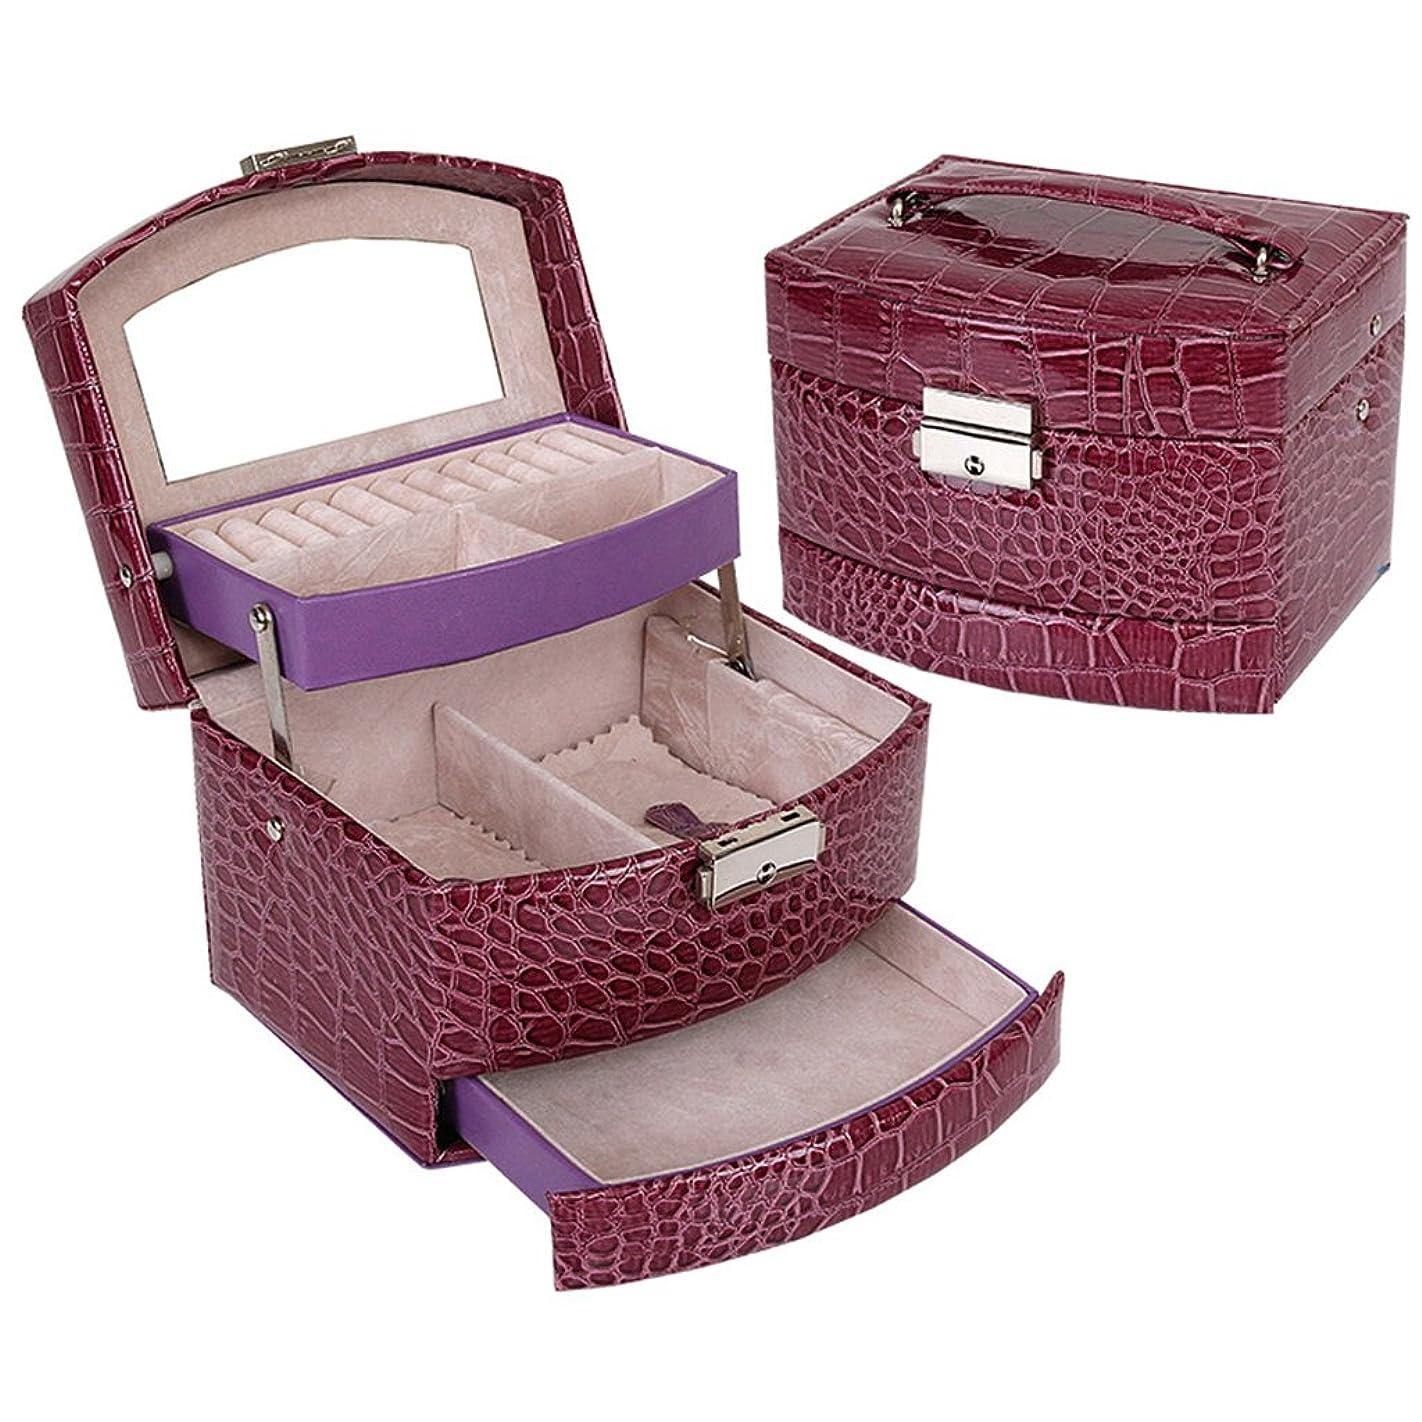 技術五月先祖美容メイクケースをプロフェッショナルネイルジュエリー化粧品バニティケース旅行家の使用(ワニパターン、紫色)